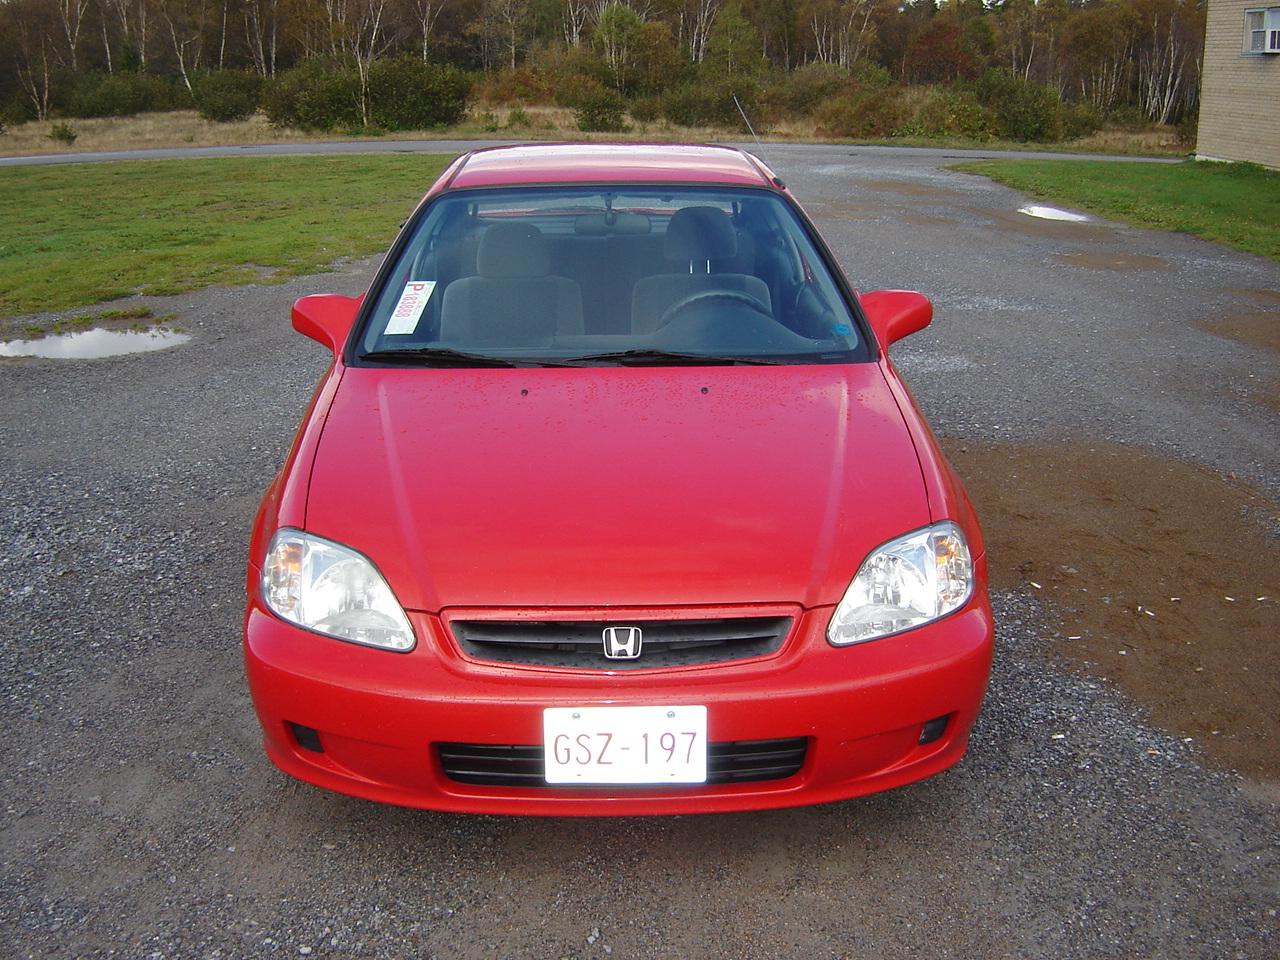 2000 Honda Civic Exterior Pictures Cargurus